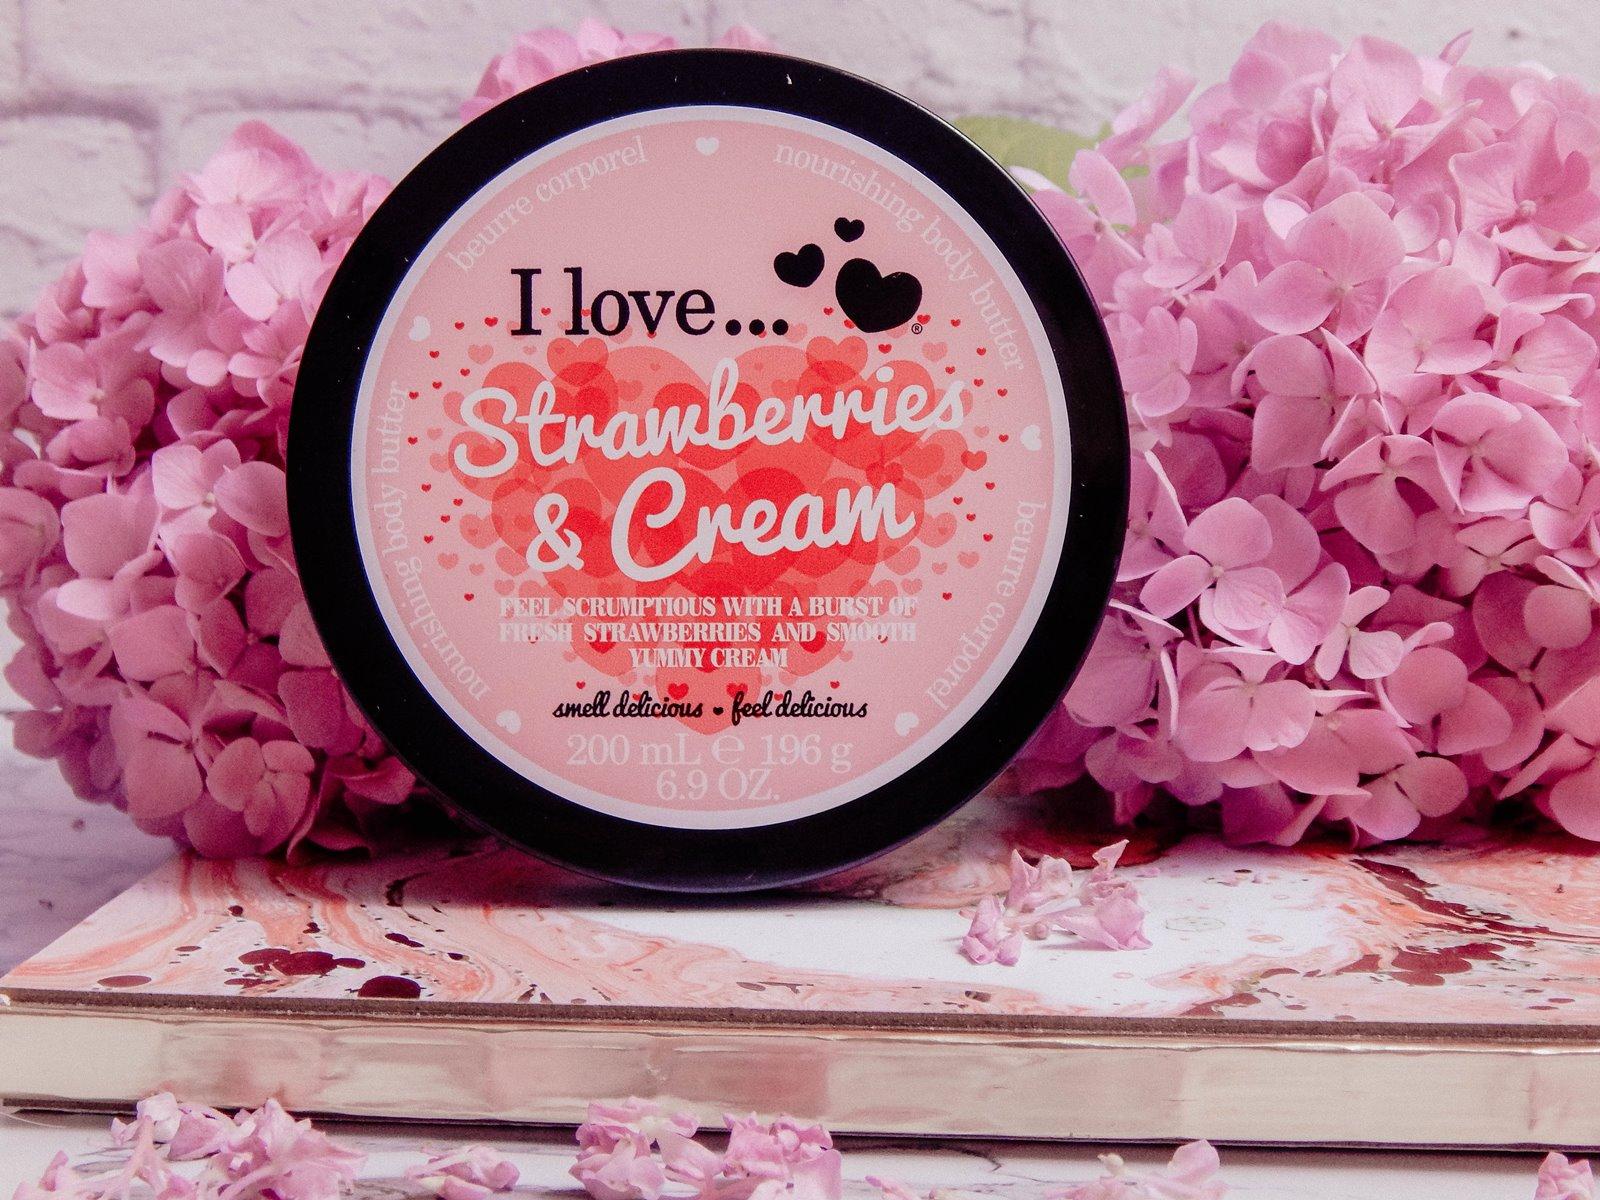 3 recenzja nowości kosmetyczne trico botanica szampon odzywka opinie recenzja pink marshmallow i love balmi recenzja nutka balsam do higieny intymnej okłady maska na oczy rozgrzewająca balsam strawberries and cream seba med